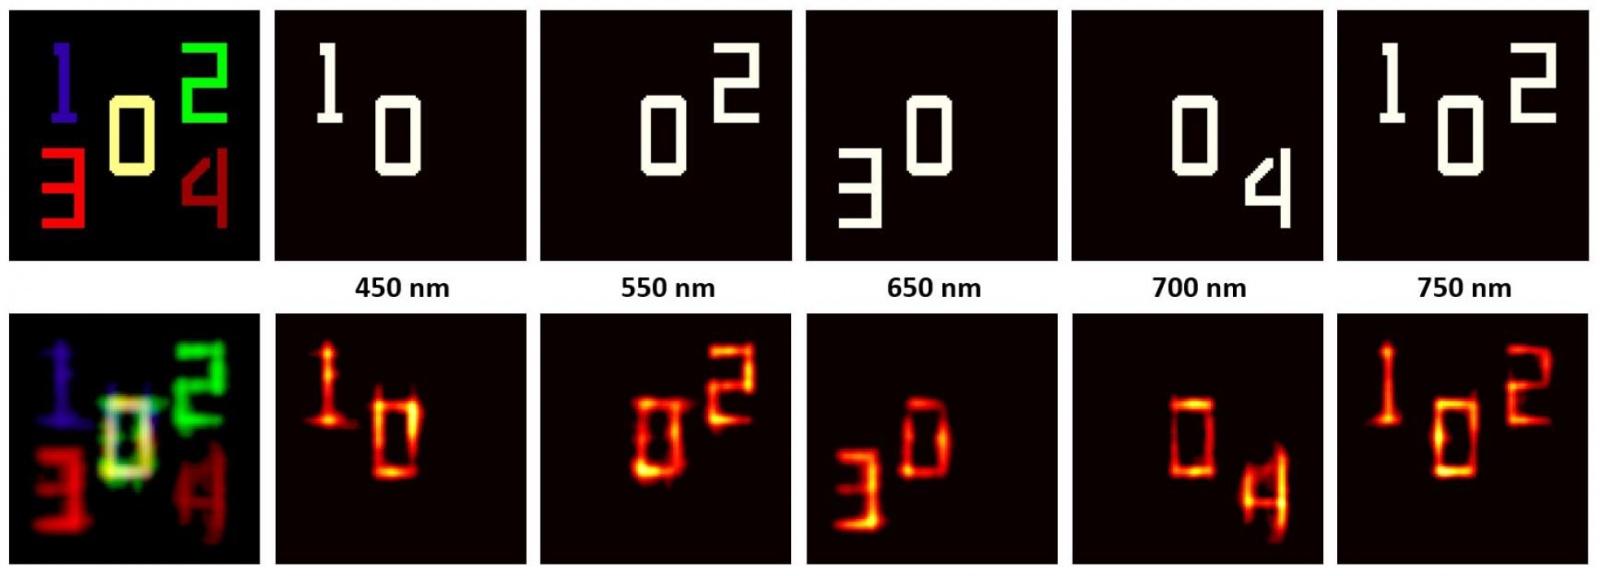 Увидеть почти невидимое, еще и в цвете: методика визуализации объектов через рассеиватель - 1